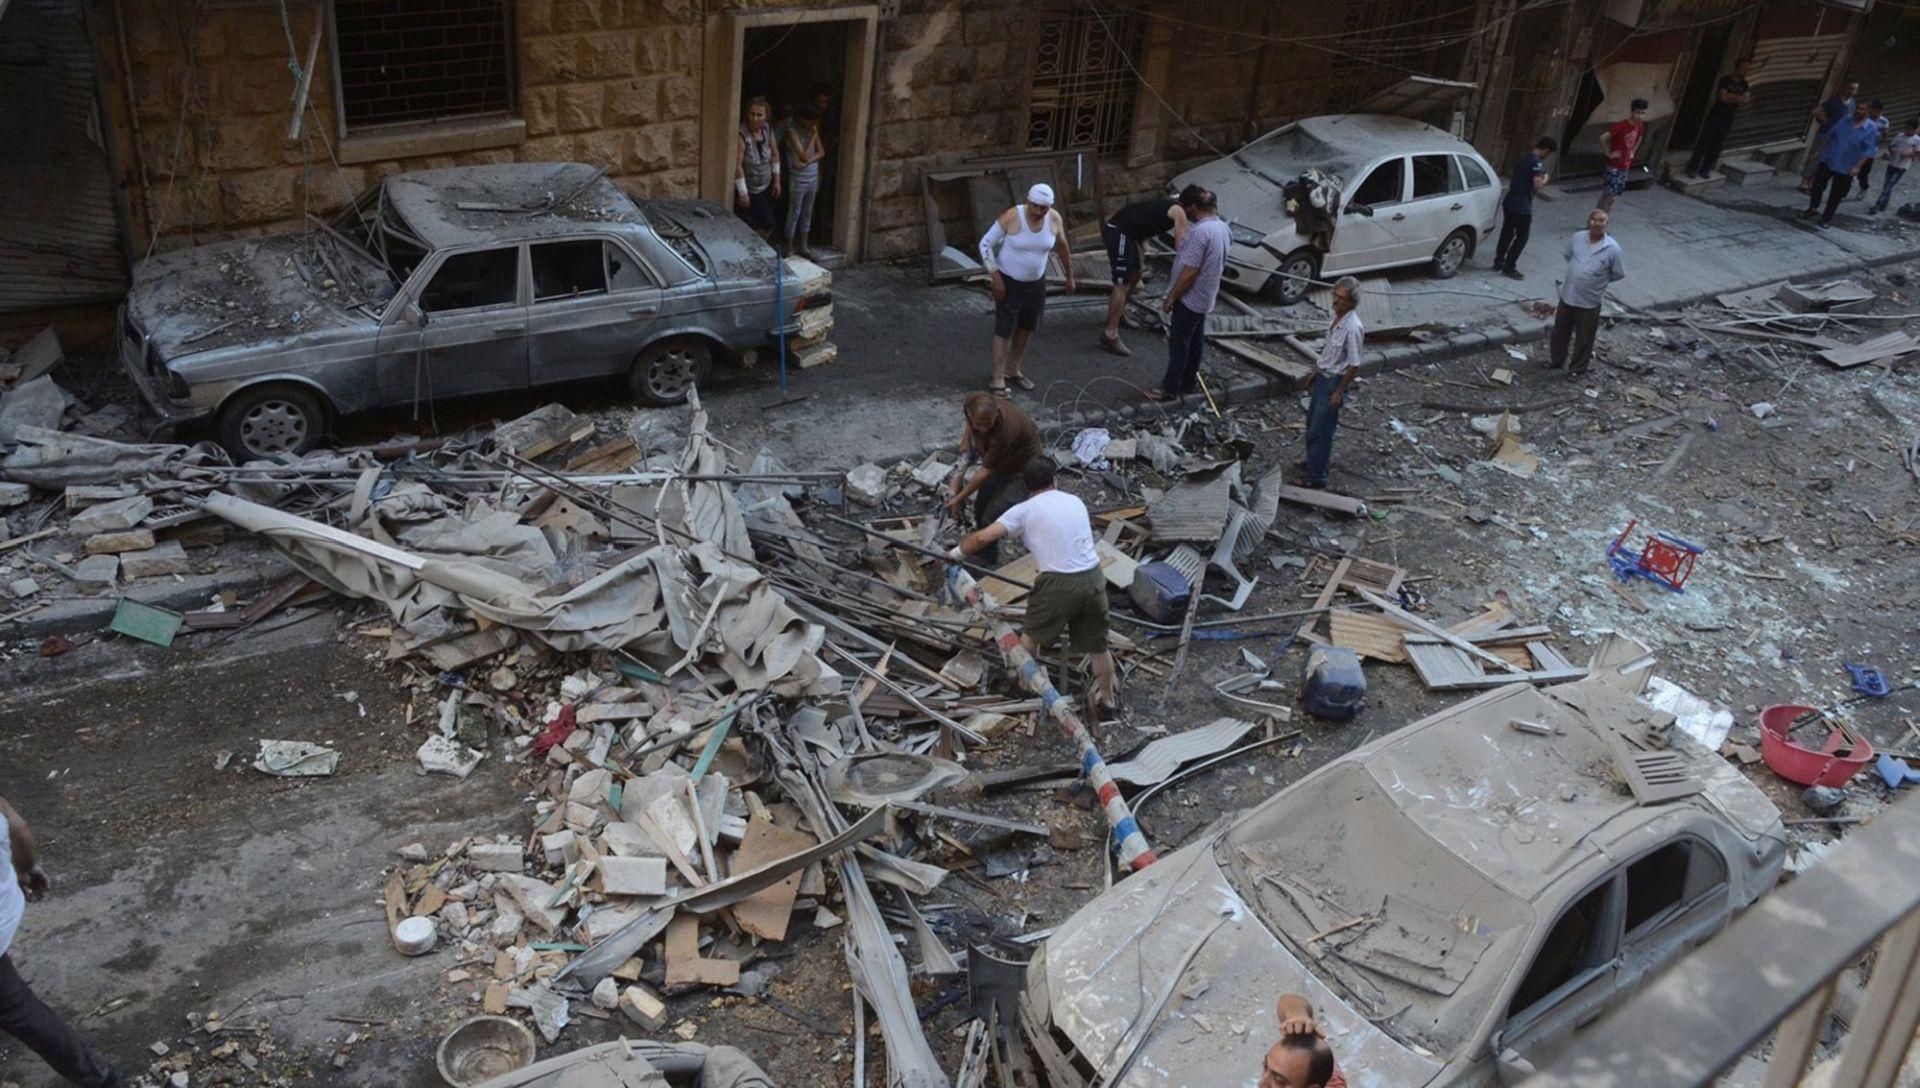 UNATOČ PREKIDU VATRE: U napadima na pobunjeničke gradove ubijen 31 civil